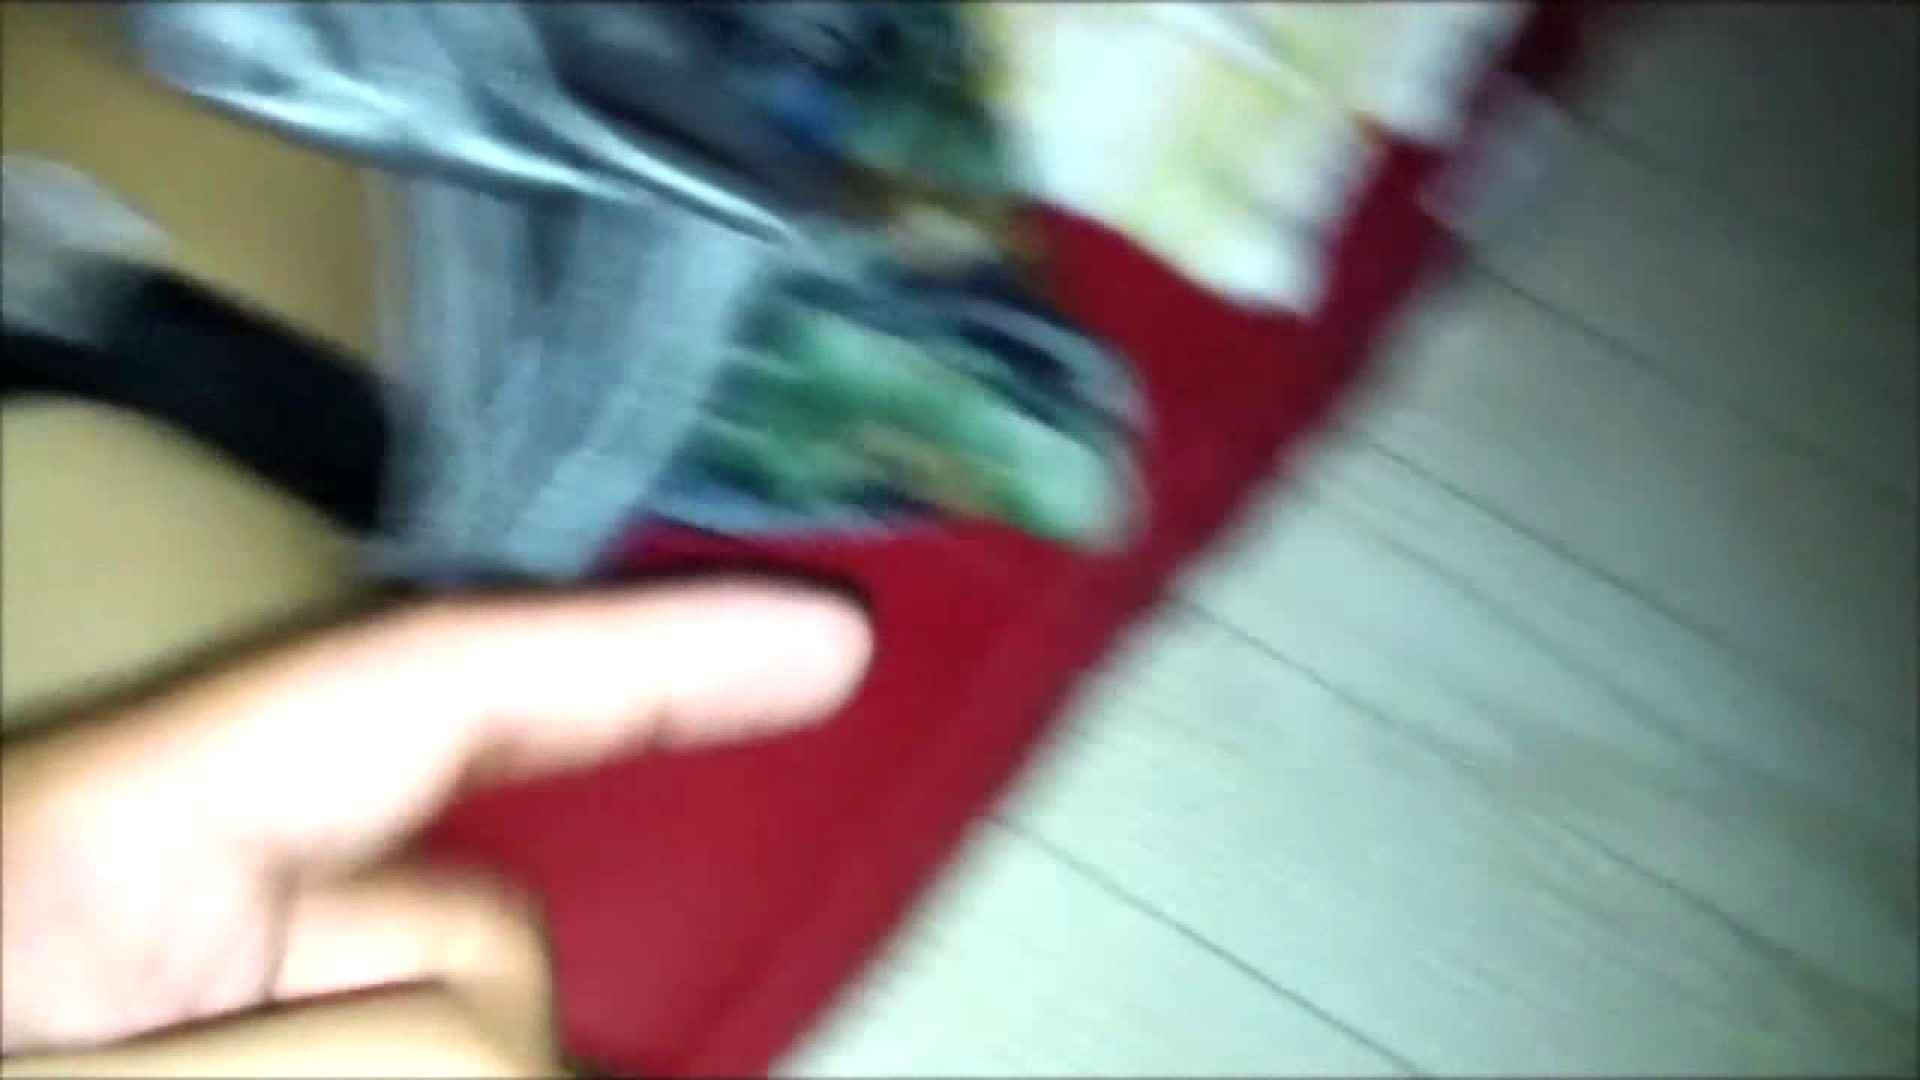 魔術師の お・も・て・な・し vol.15 ギャル系女子大生にブチ込ム! S級美女ギャル エロ無料画像 104画像 101